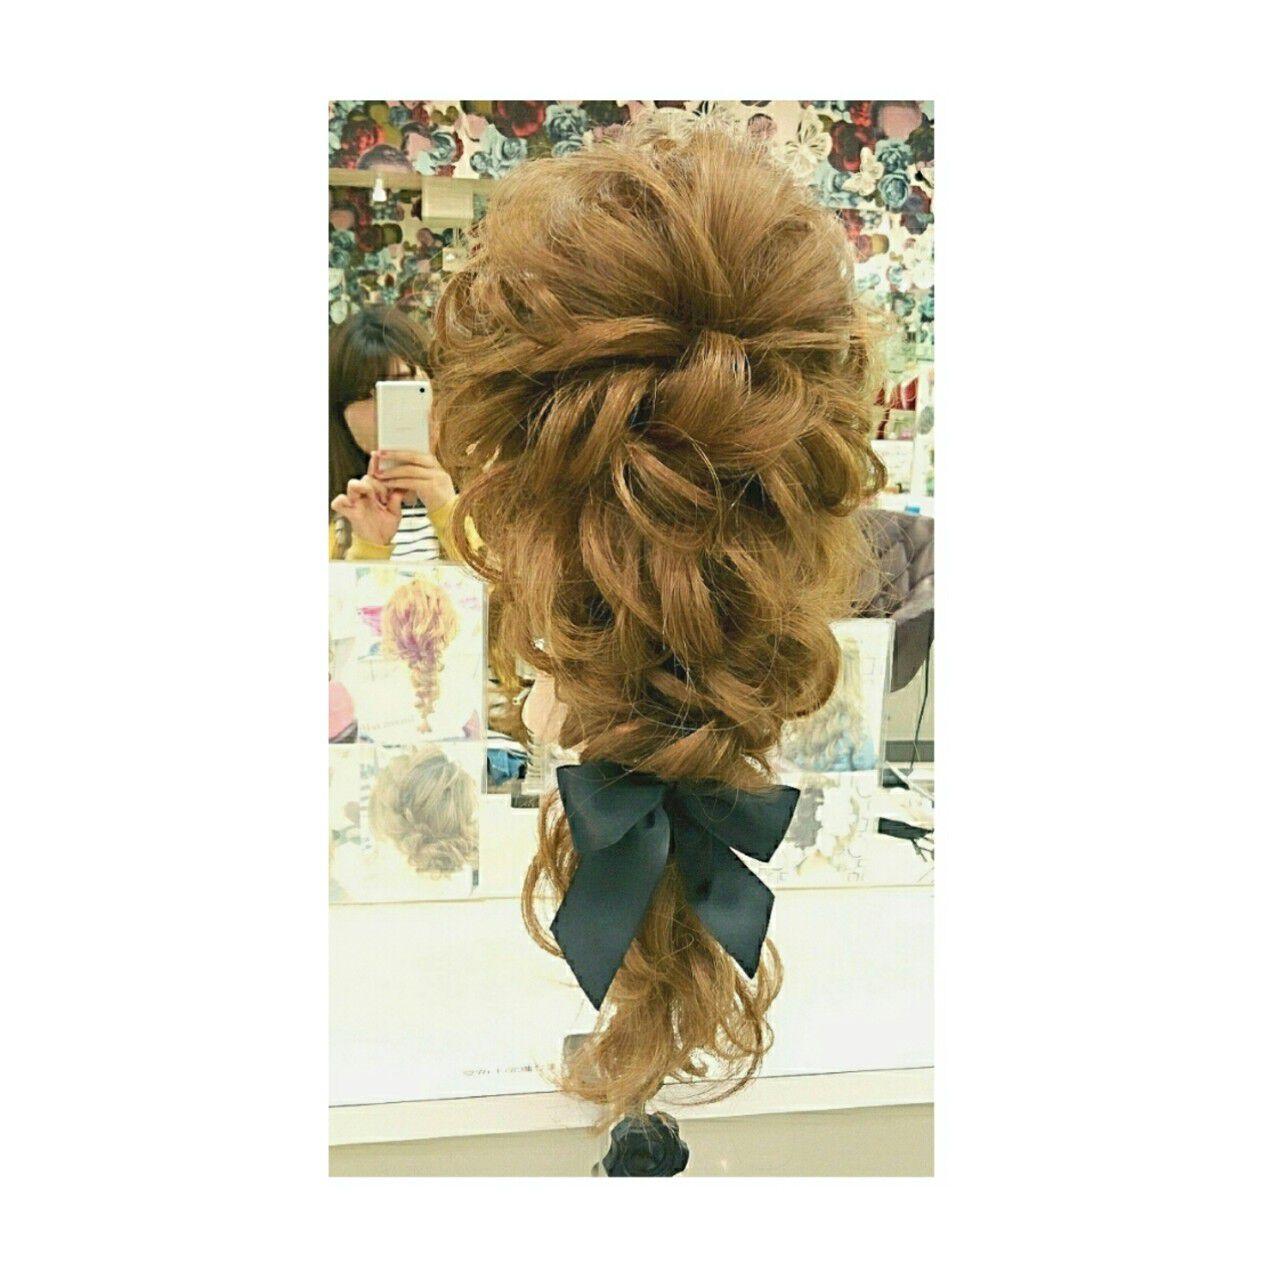 ヘアアレンジ 大人かわいい フェミニン 簡単ヘアアレンジヘアスタイルや髪型の写真・画像